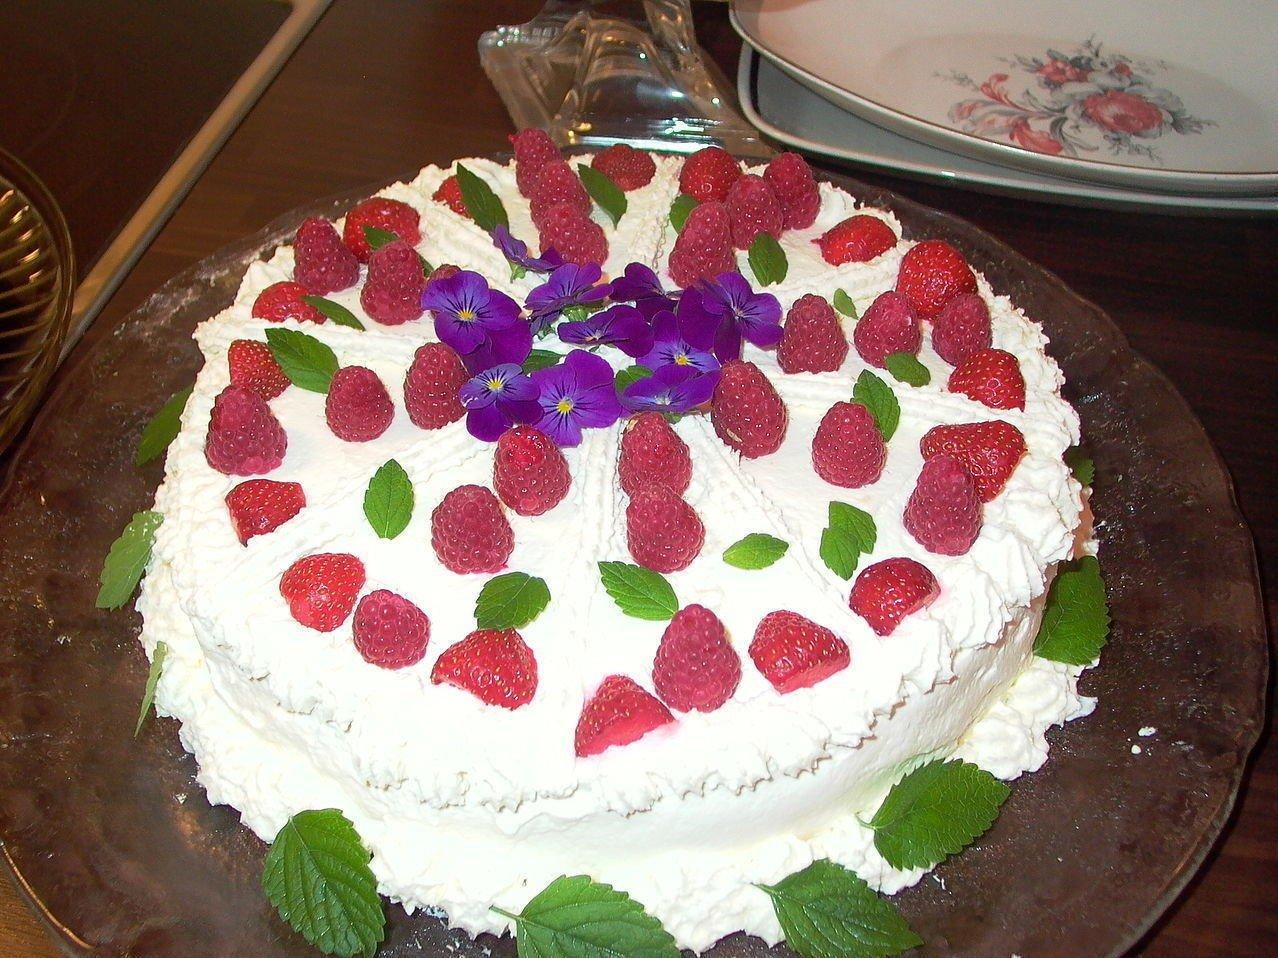 Jenta opplevde at moren trykket ansiktet hennes ned i kaken som hun hadde fått av noen naboer. (Illustrasjonsbilde)